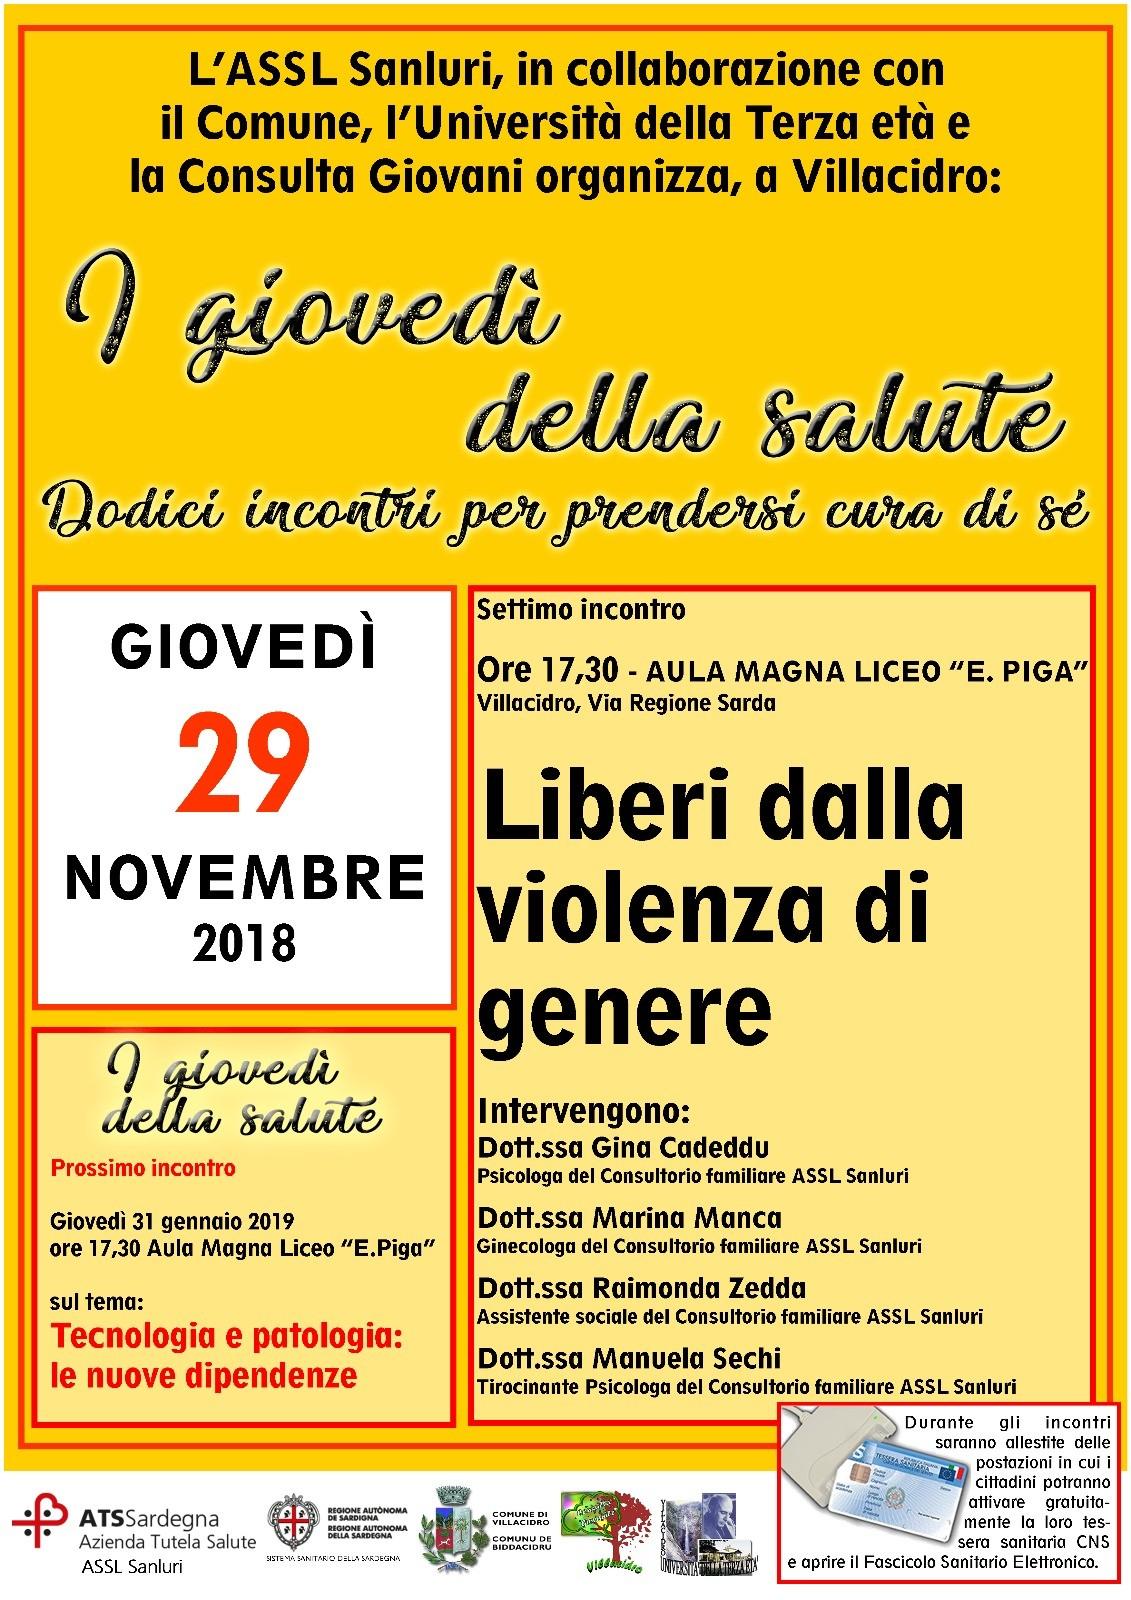 Violenza di genere, giovedì 29 novembre incontro a Villacidro